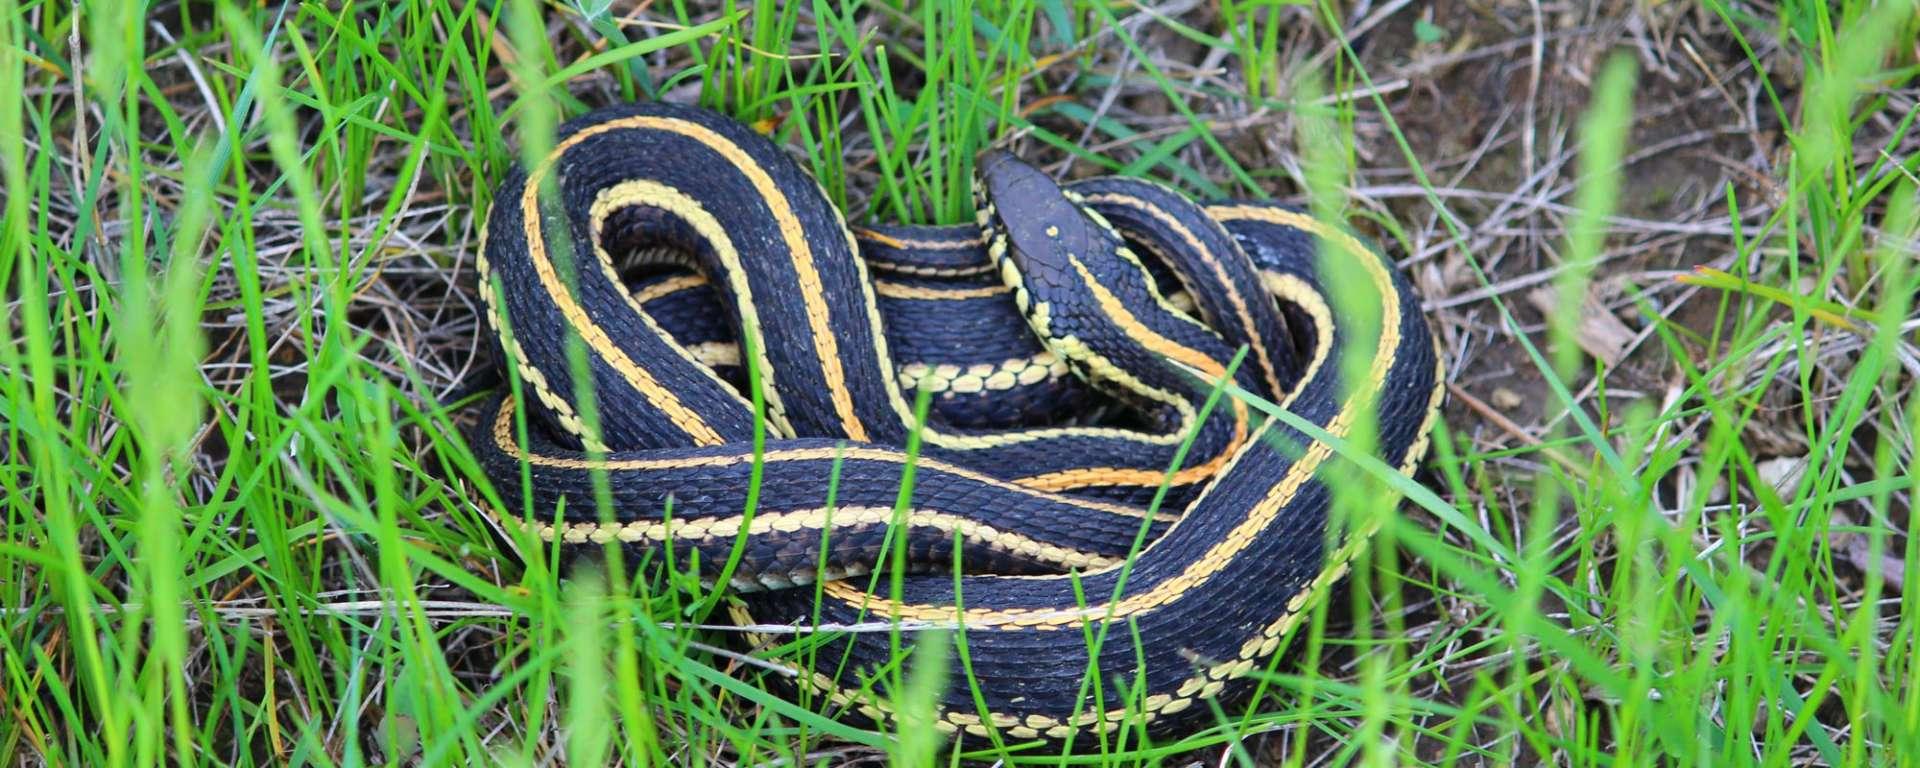 snakes control in kenya